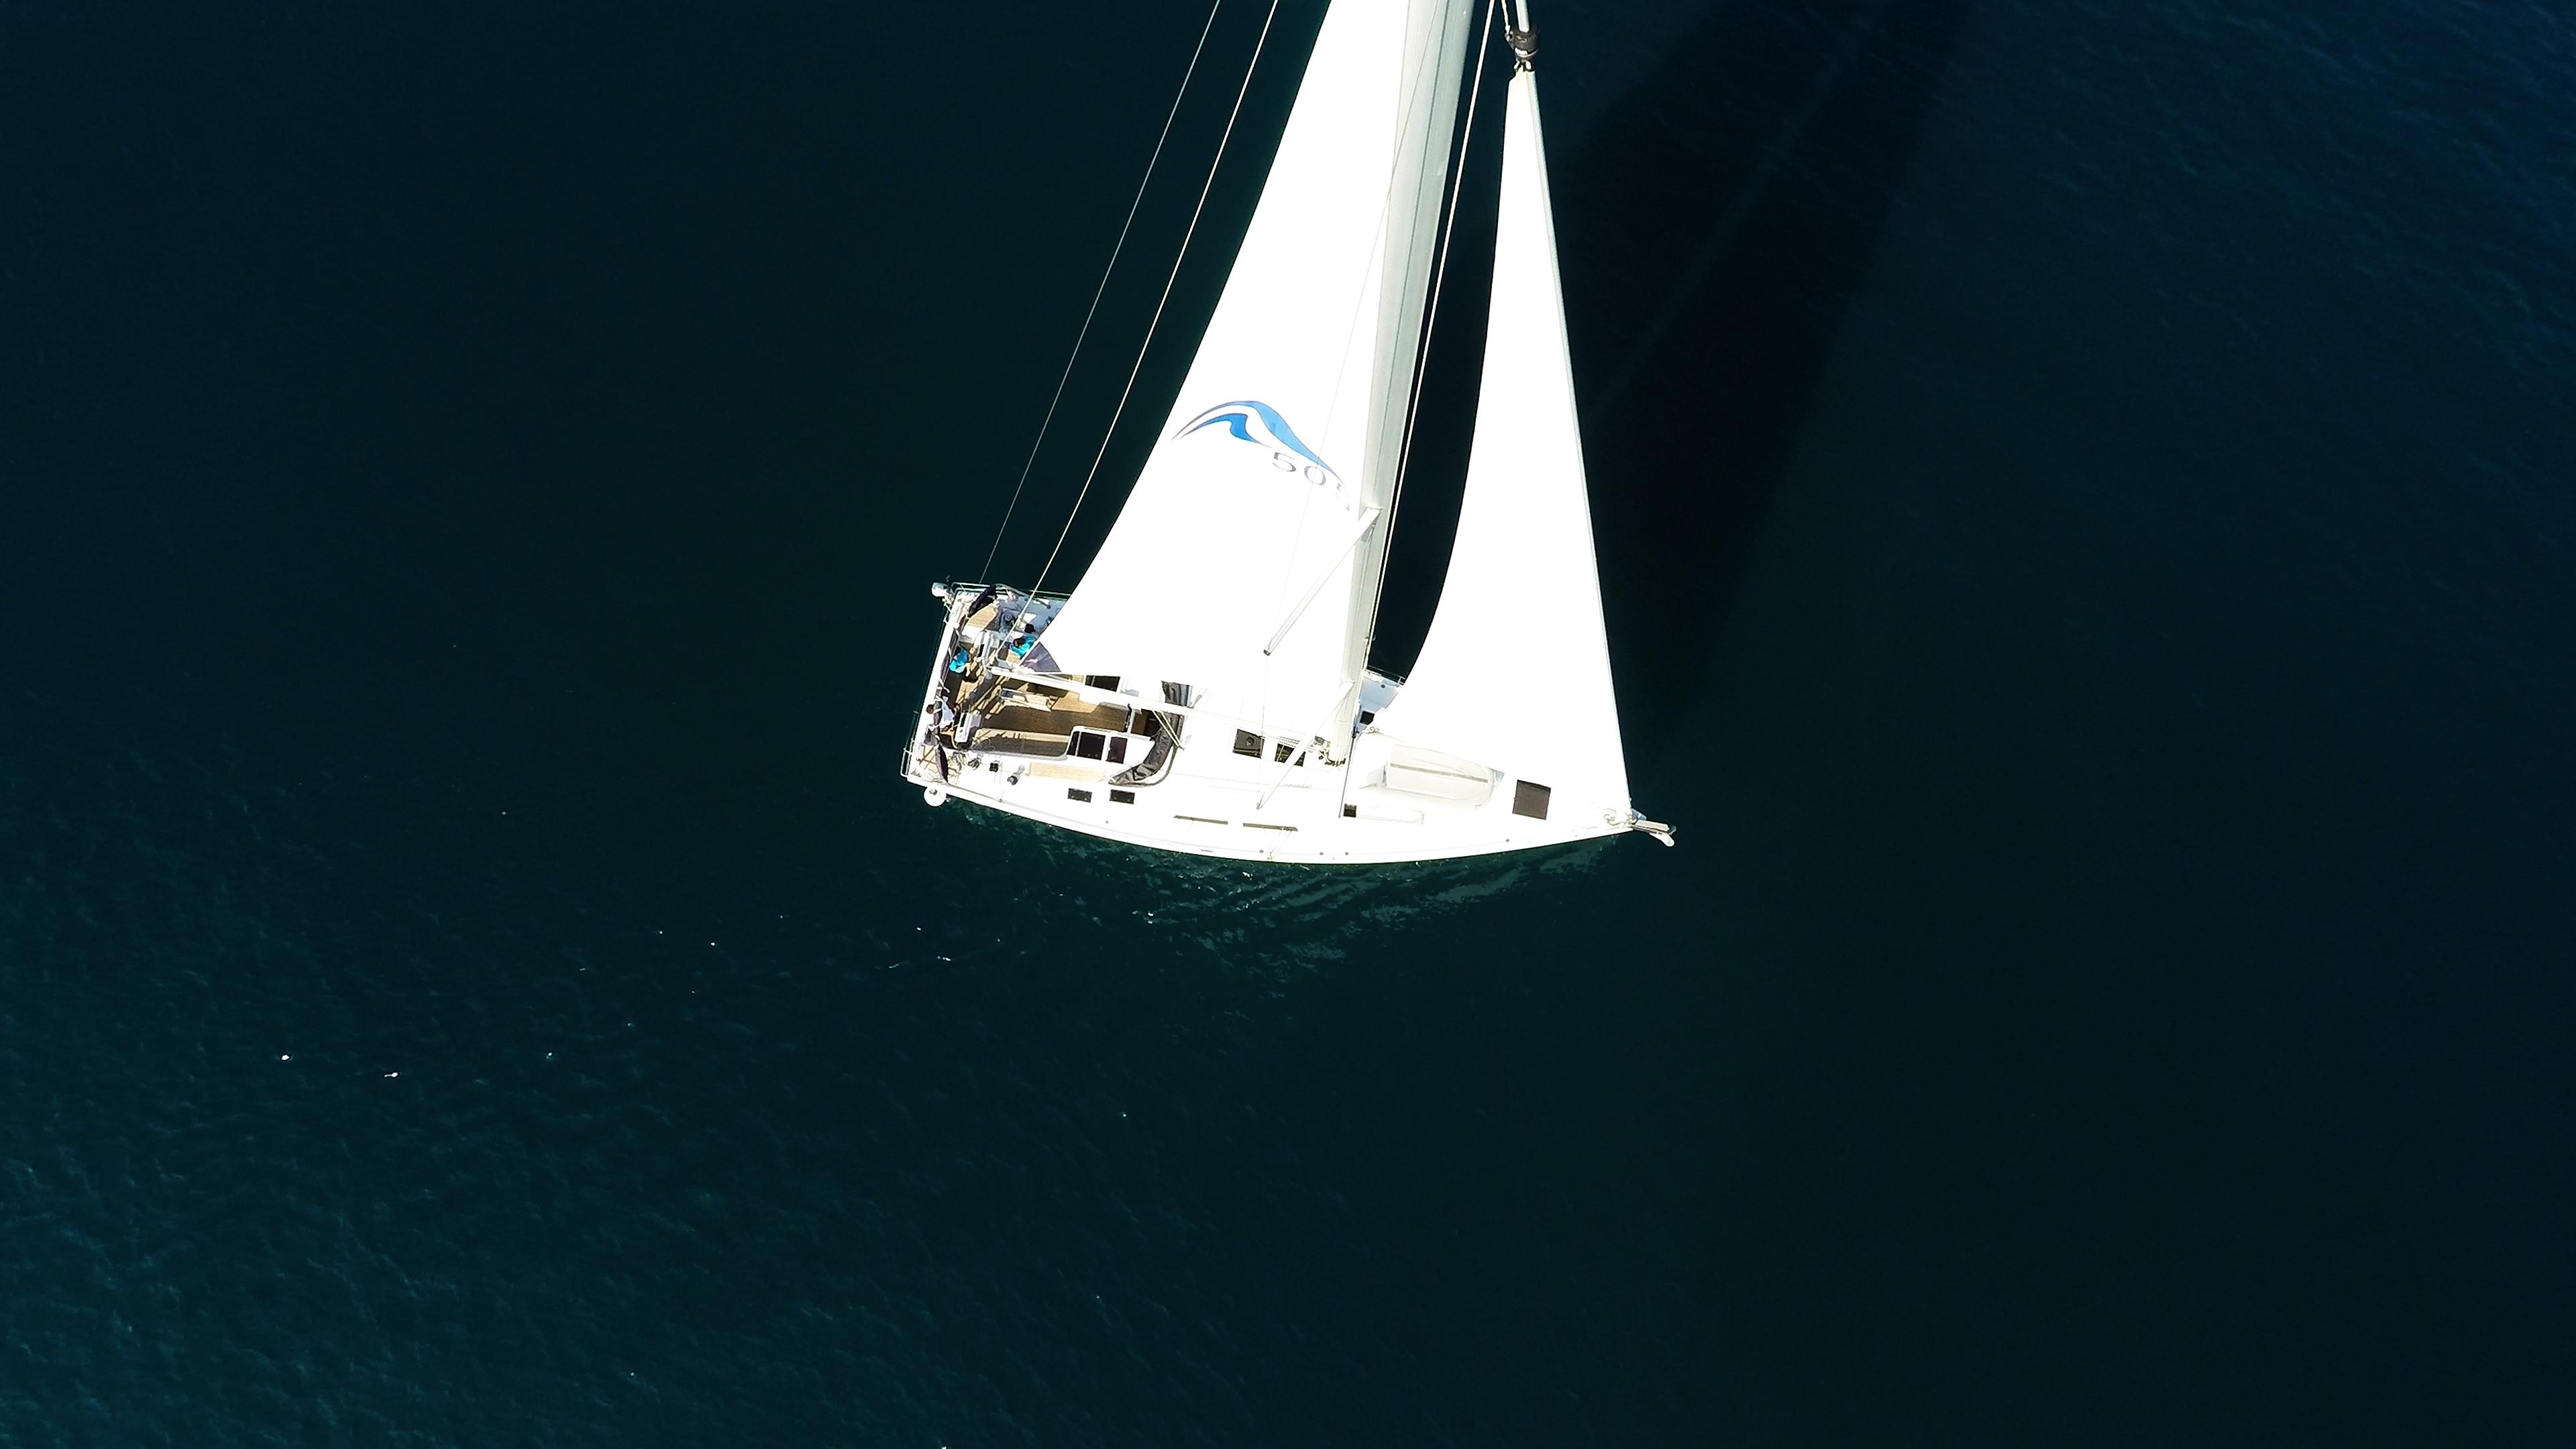 Segelyacht Hanse 505 von oben Segelyacht Segel Meer